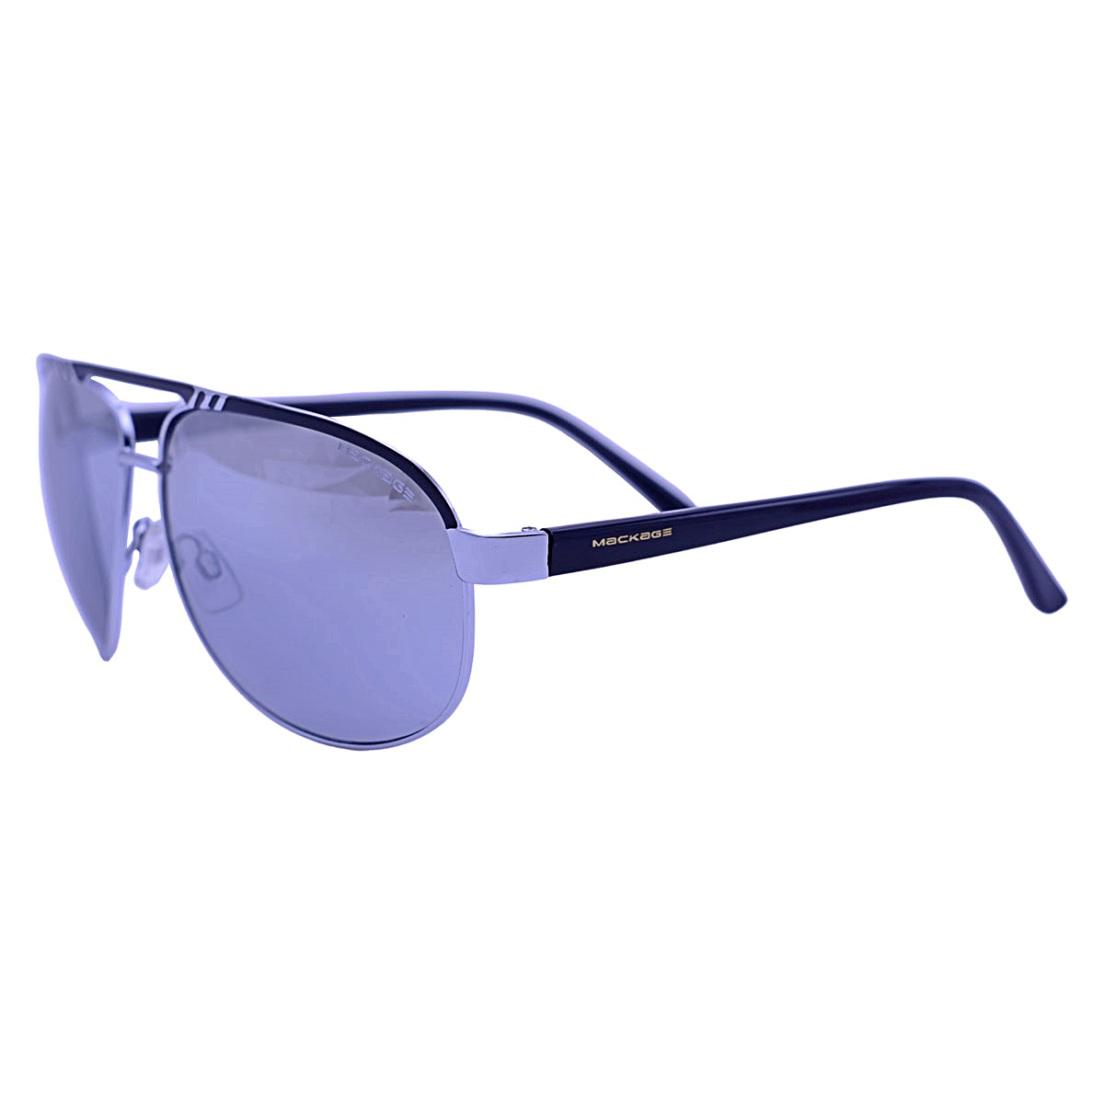 Óculos De Sol Mackage Unissex Metal Aviator - Prata/Preto